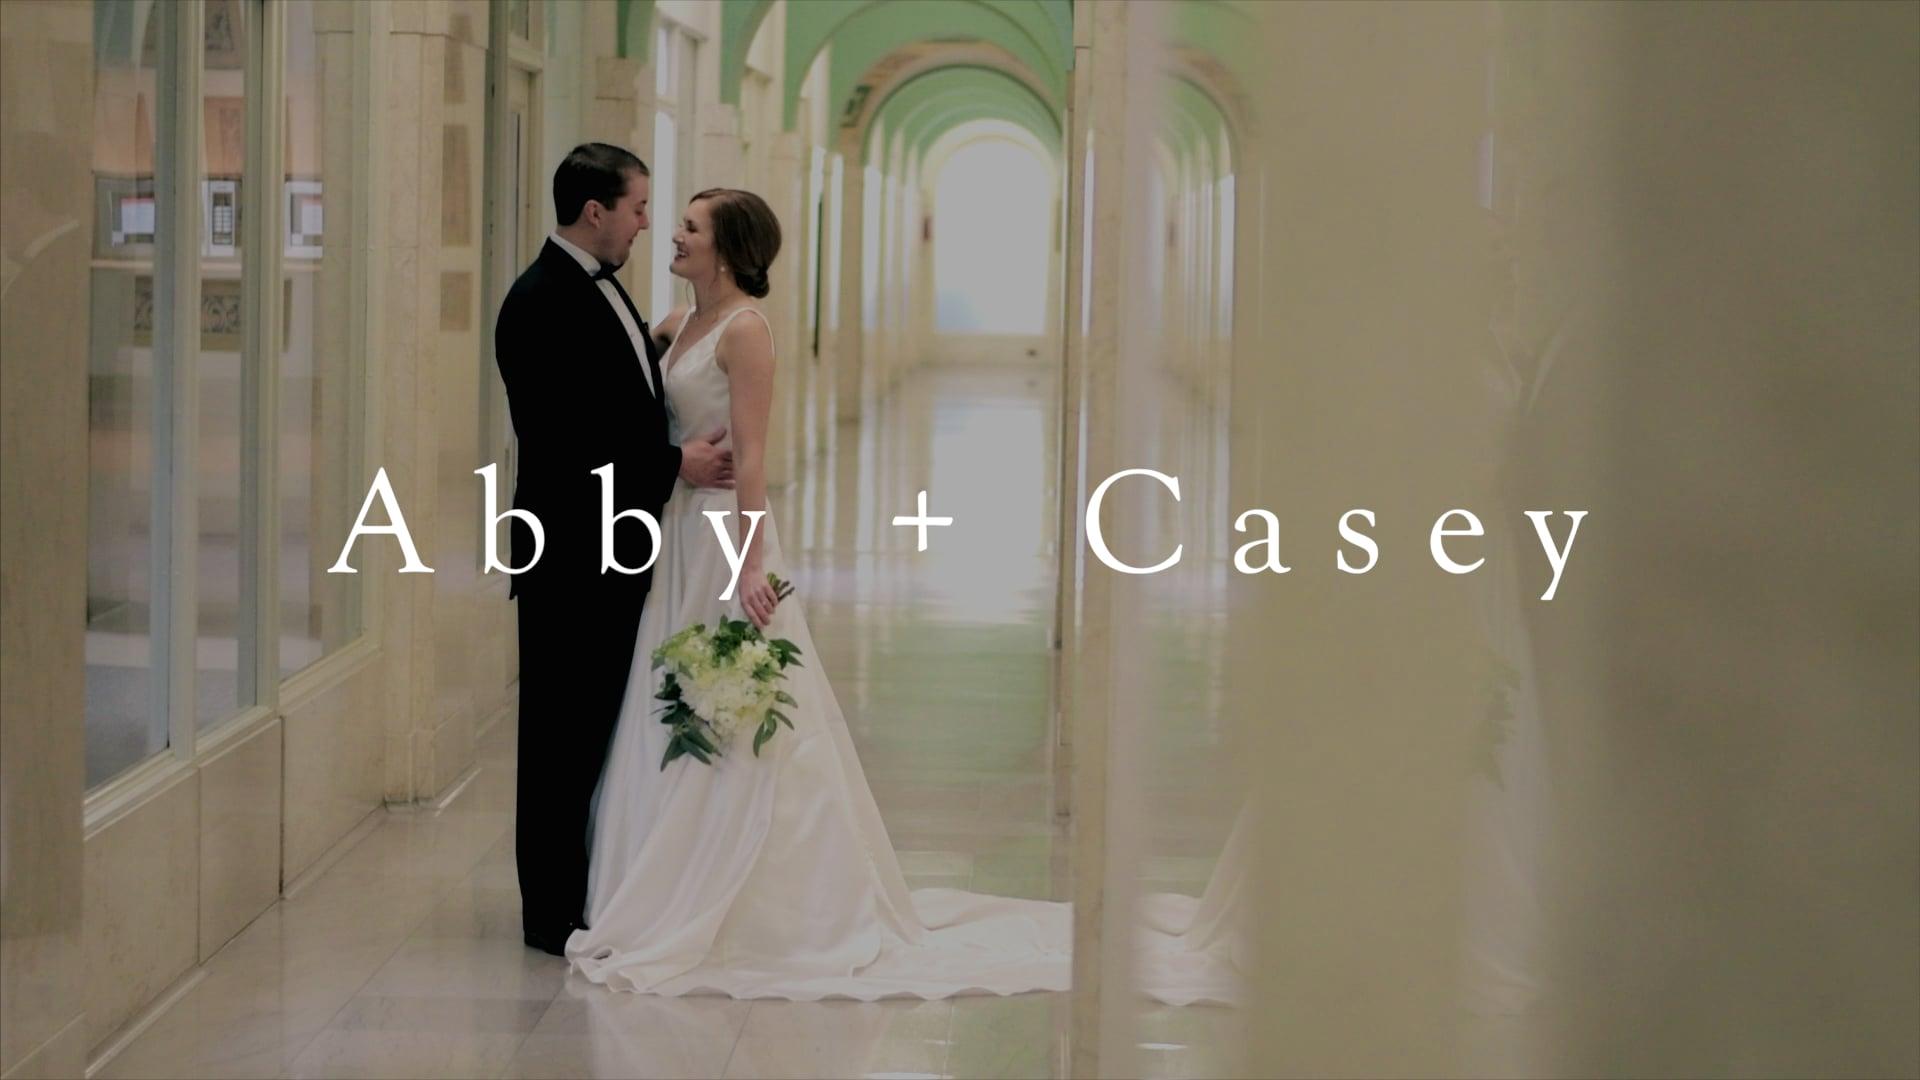 Abby + Casey | A New Year's Eve Wedding